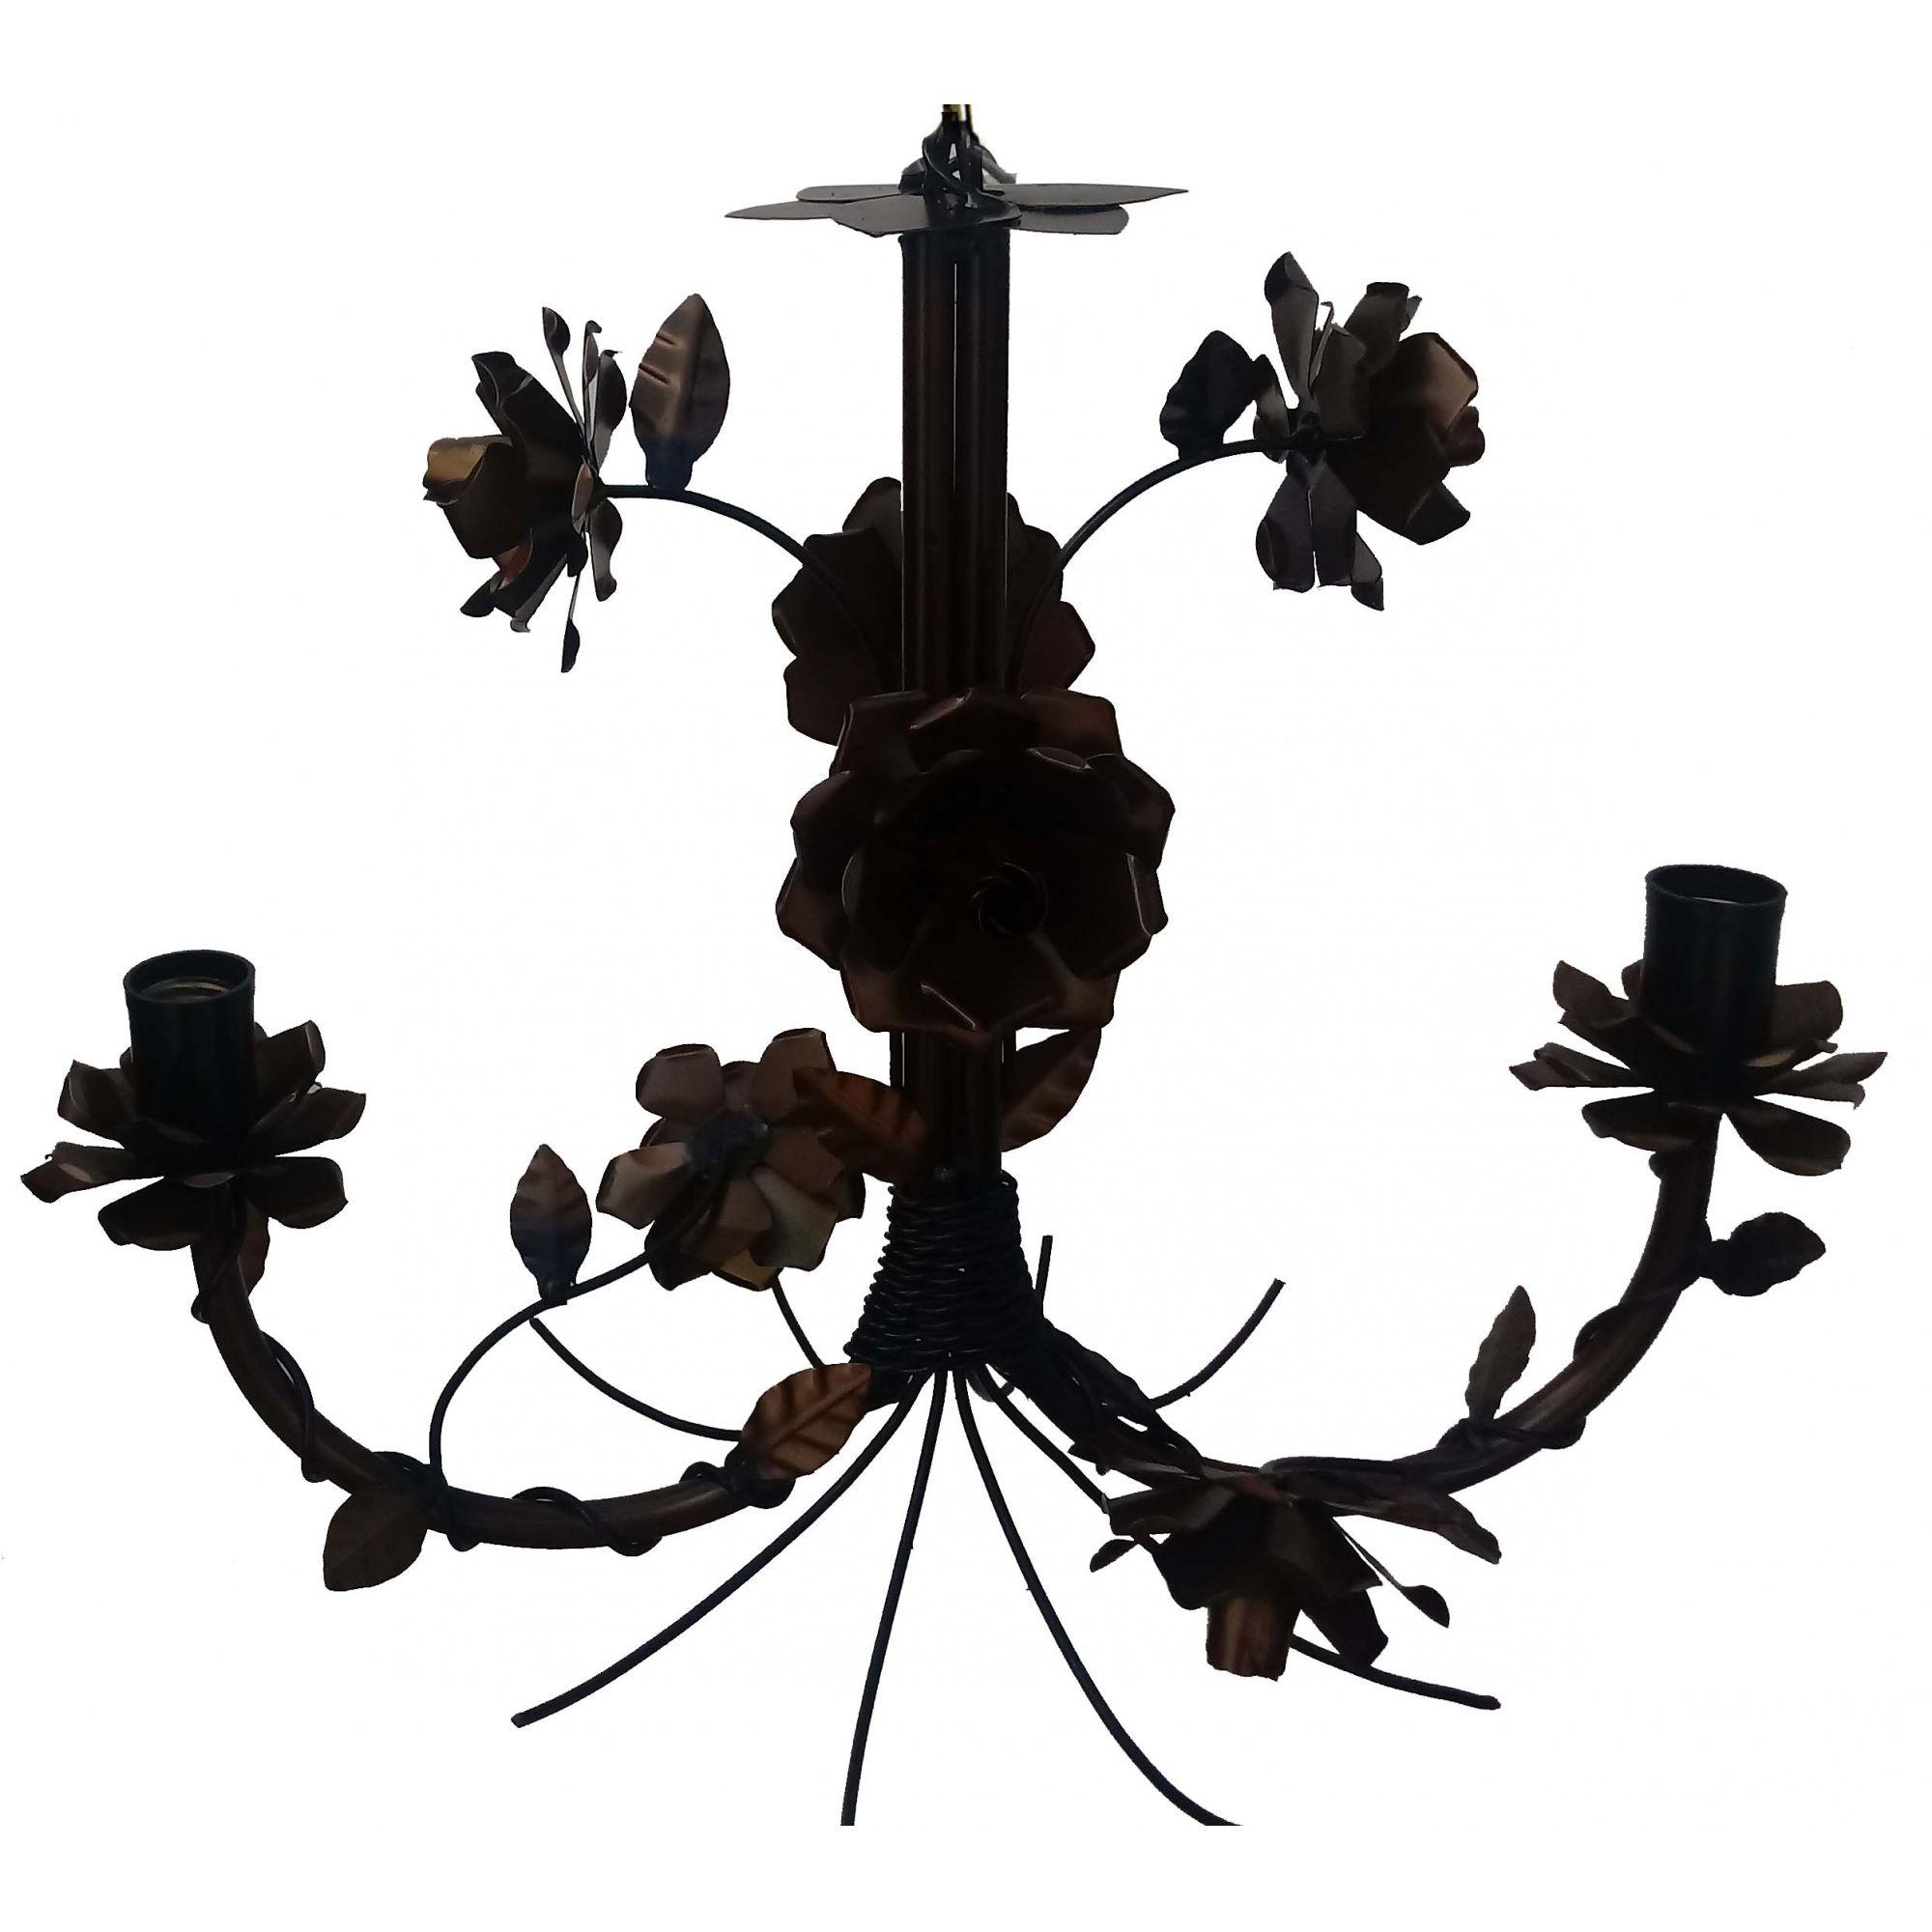 Luminaria de Ferro Artesanal Rustica com Flores Pequena para Salinha de Jantar